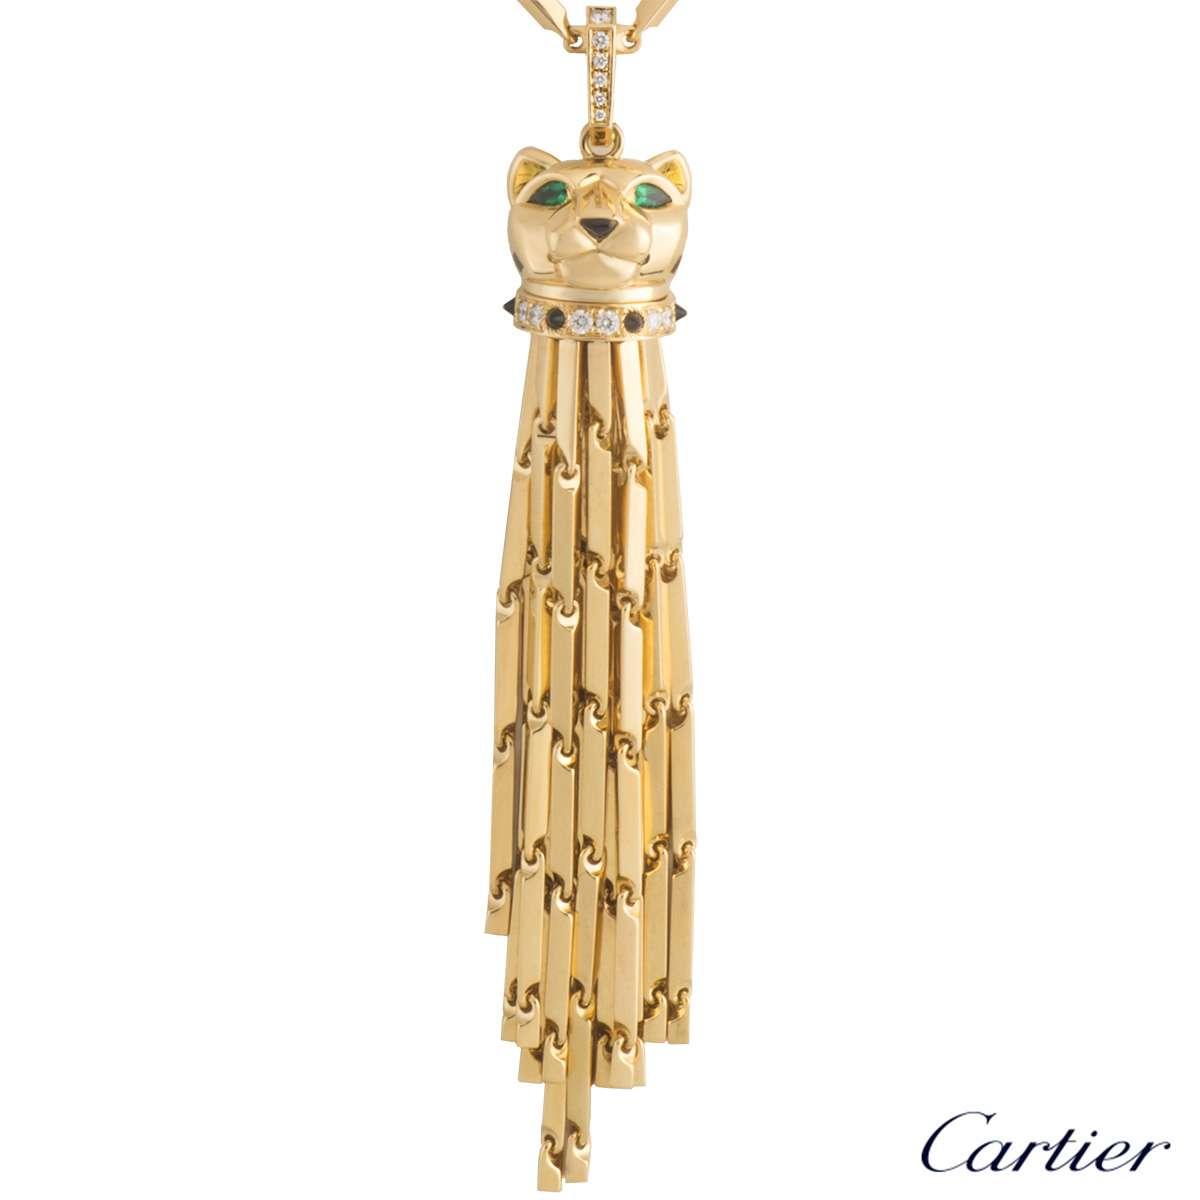 Cartier 18k Yellow Gold Panthere Sautoir Necklace N7051000 In Current Yellow Gold Diamond Sautoir Necklaces (View 15 of 25)